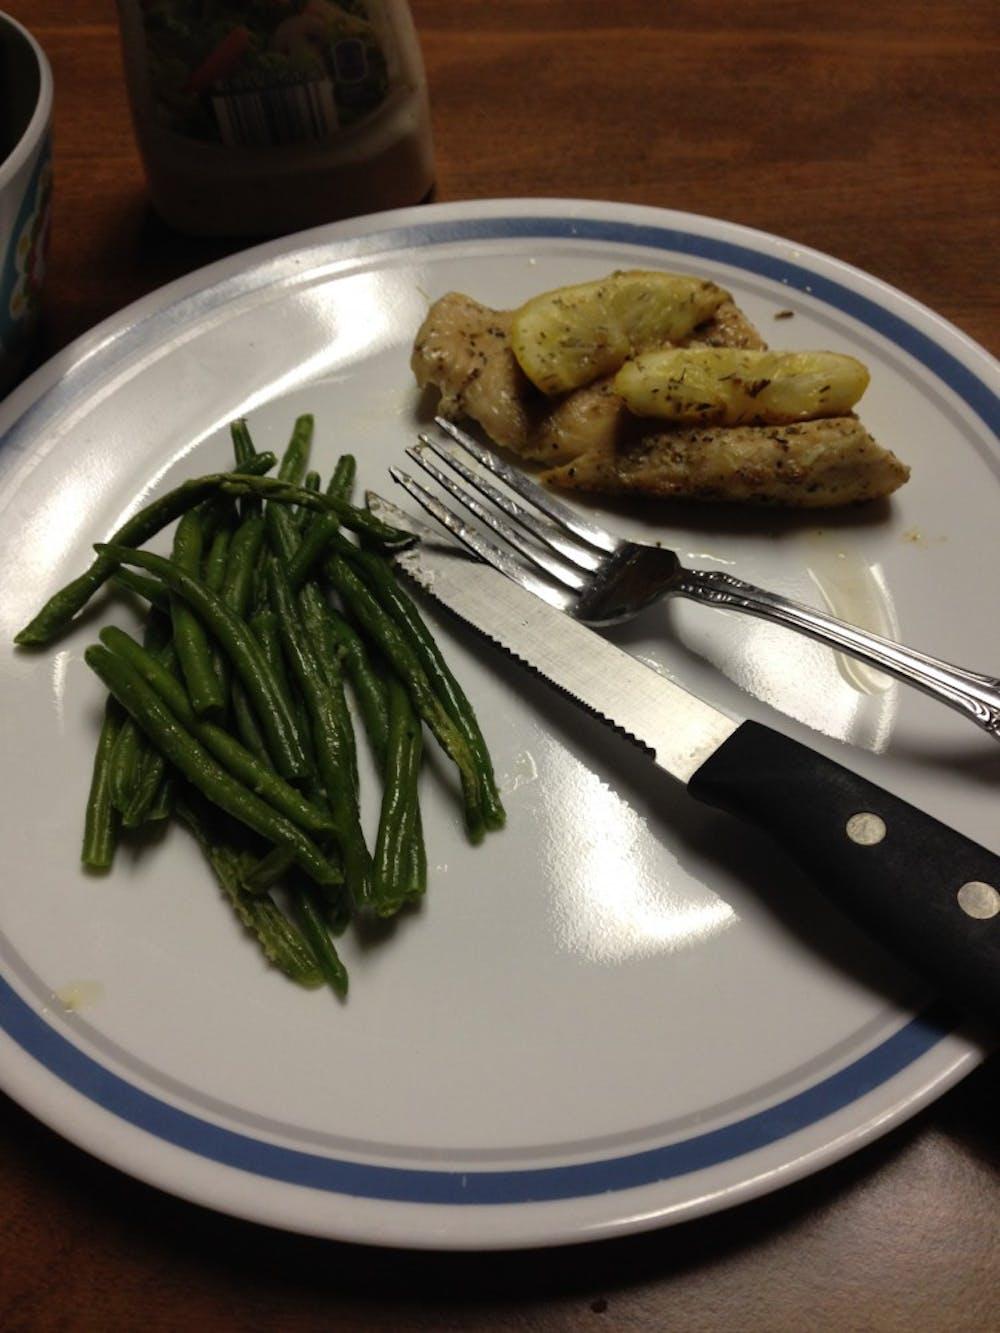 Recipe of the week: lemon herb chicken